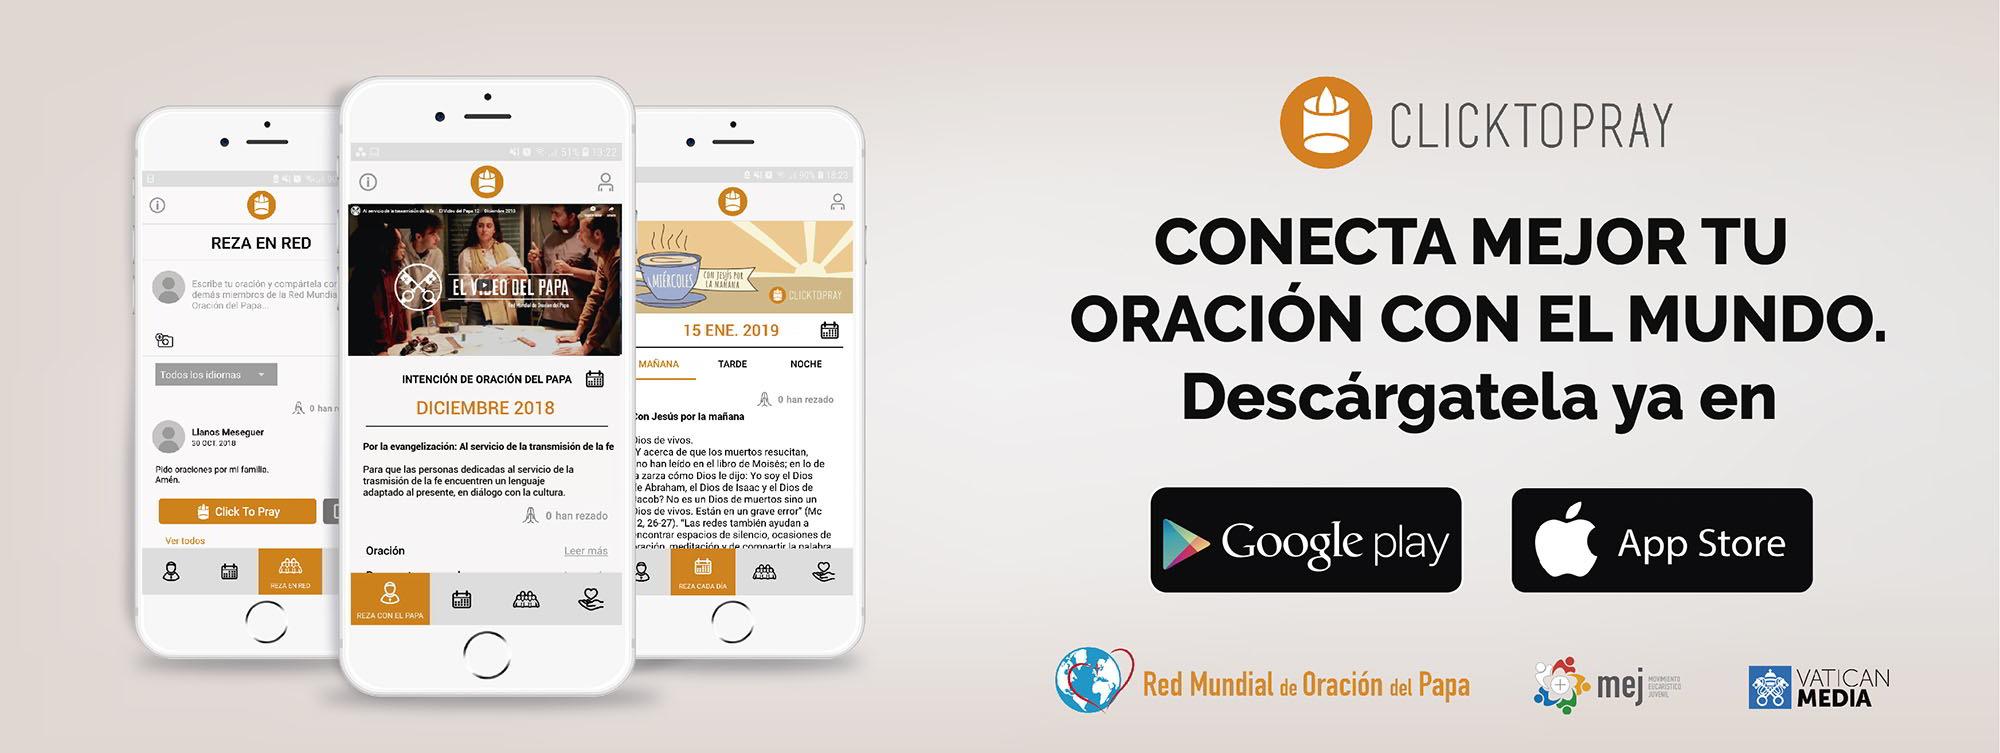 Baja-SP-CTP-portada-lanzamiento-app-facebook